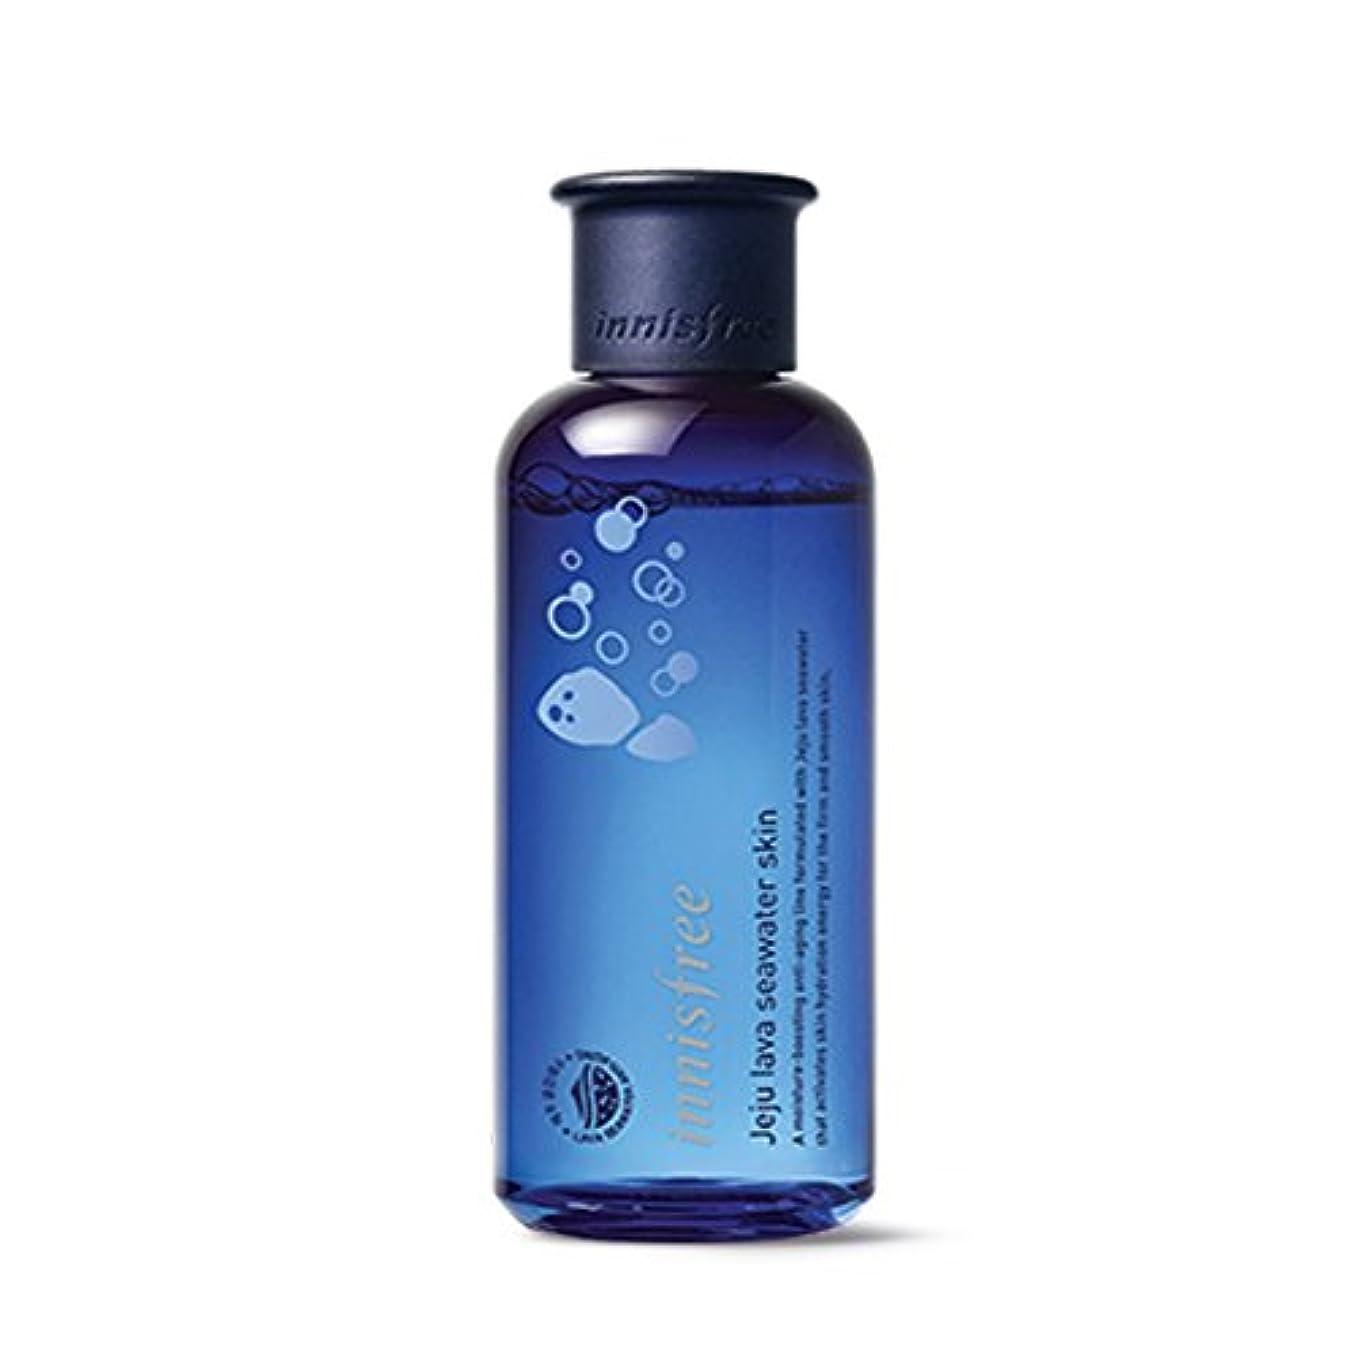 テーマ偶然誤解イニスフリージェジュラブシーウォータースキン(トナー)200ml Innisfree Jeju Lava Seawater Skin(Toner) 200ml [外直送品][並行輸入品]